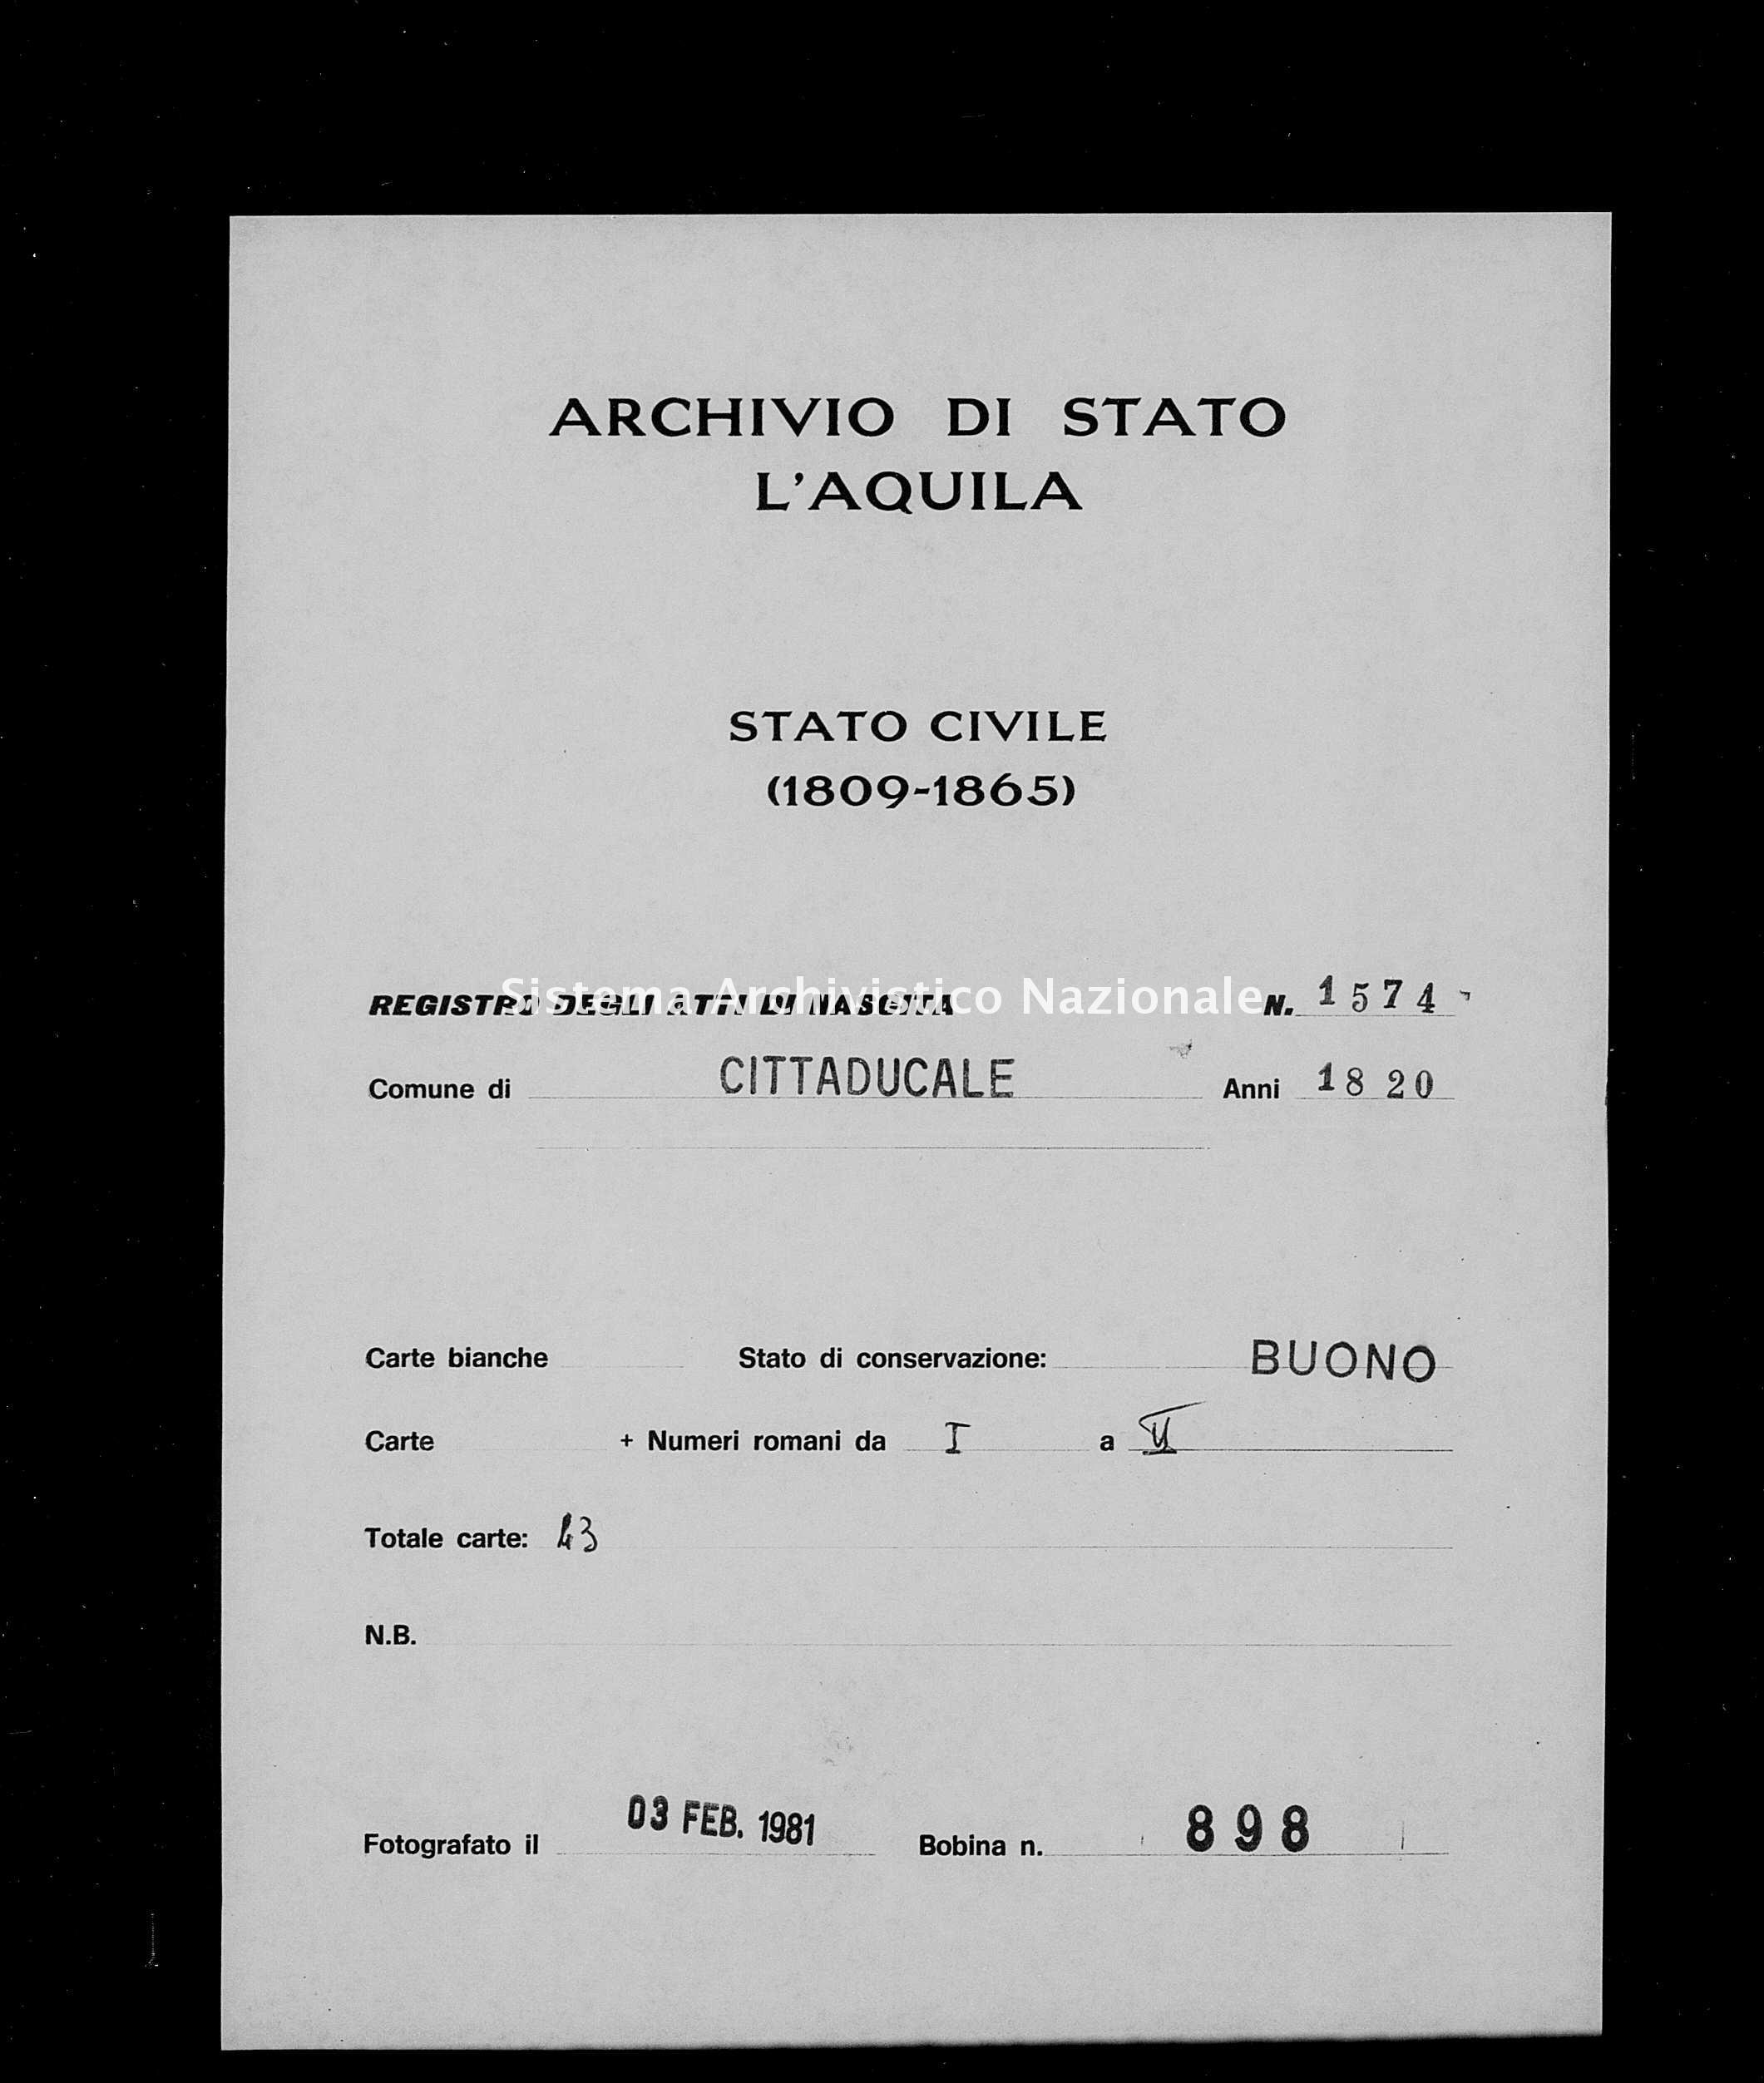 Archivio di stato di L'aquila - Stato civile della restaurazione - Cittaducale - Nati - 1820 - 1574 -